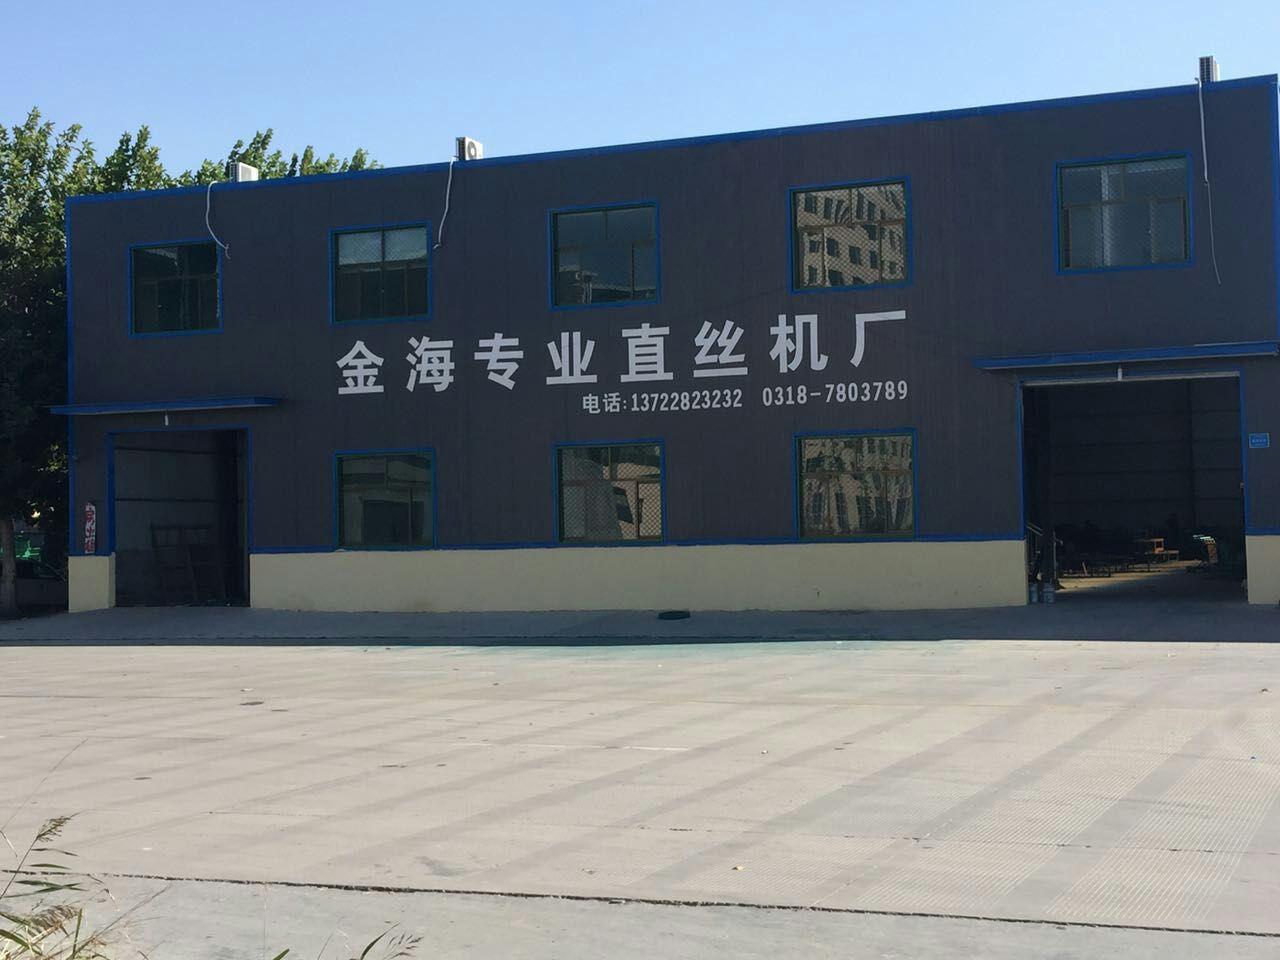 江苏定制小型调直机的价格【金海】安平制造厂家